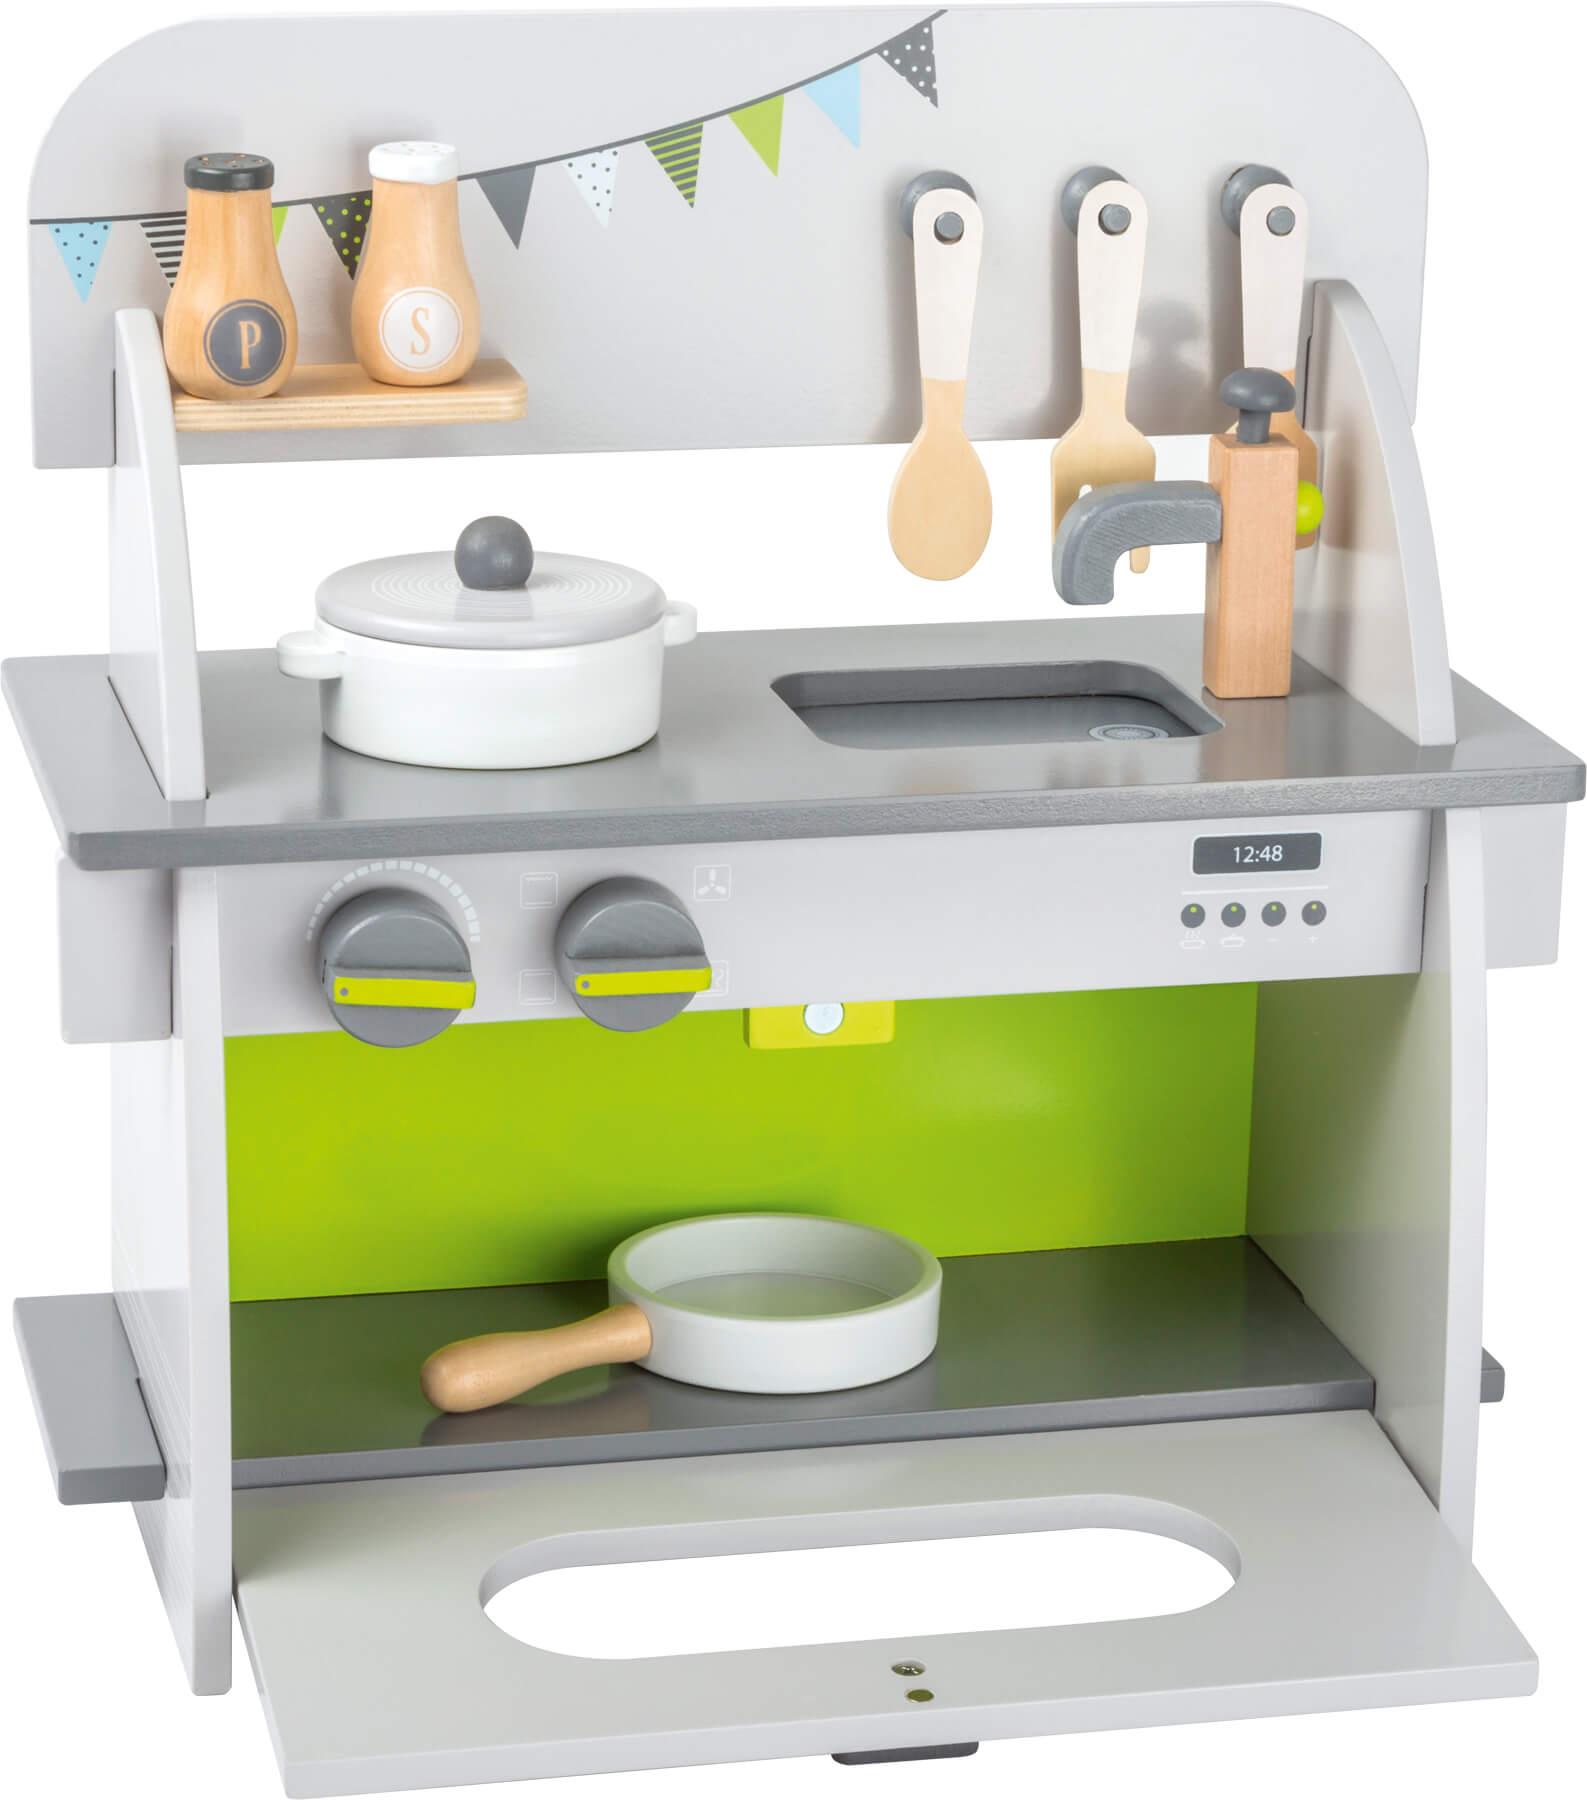 Jeux et Jouets Legler 2020 - Cuisine compact enfant en bois certifié FSC® 100%